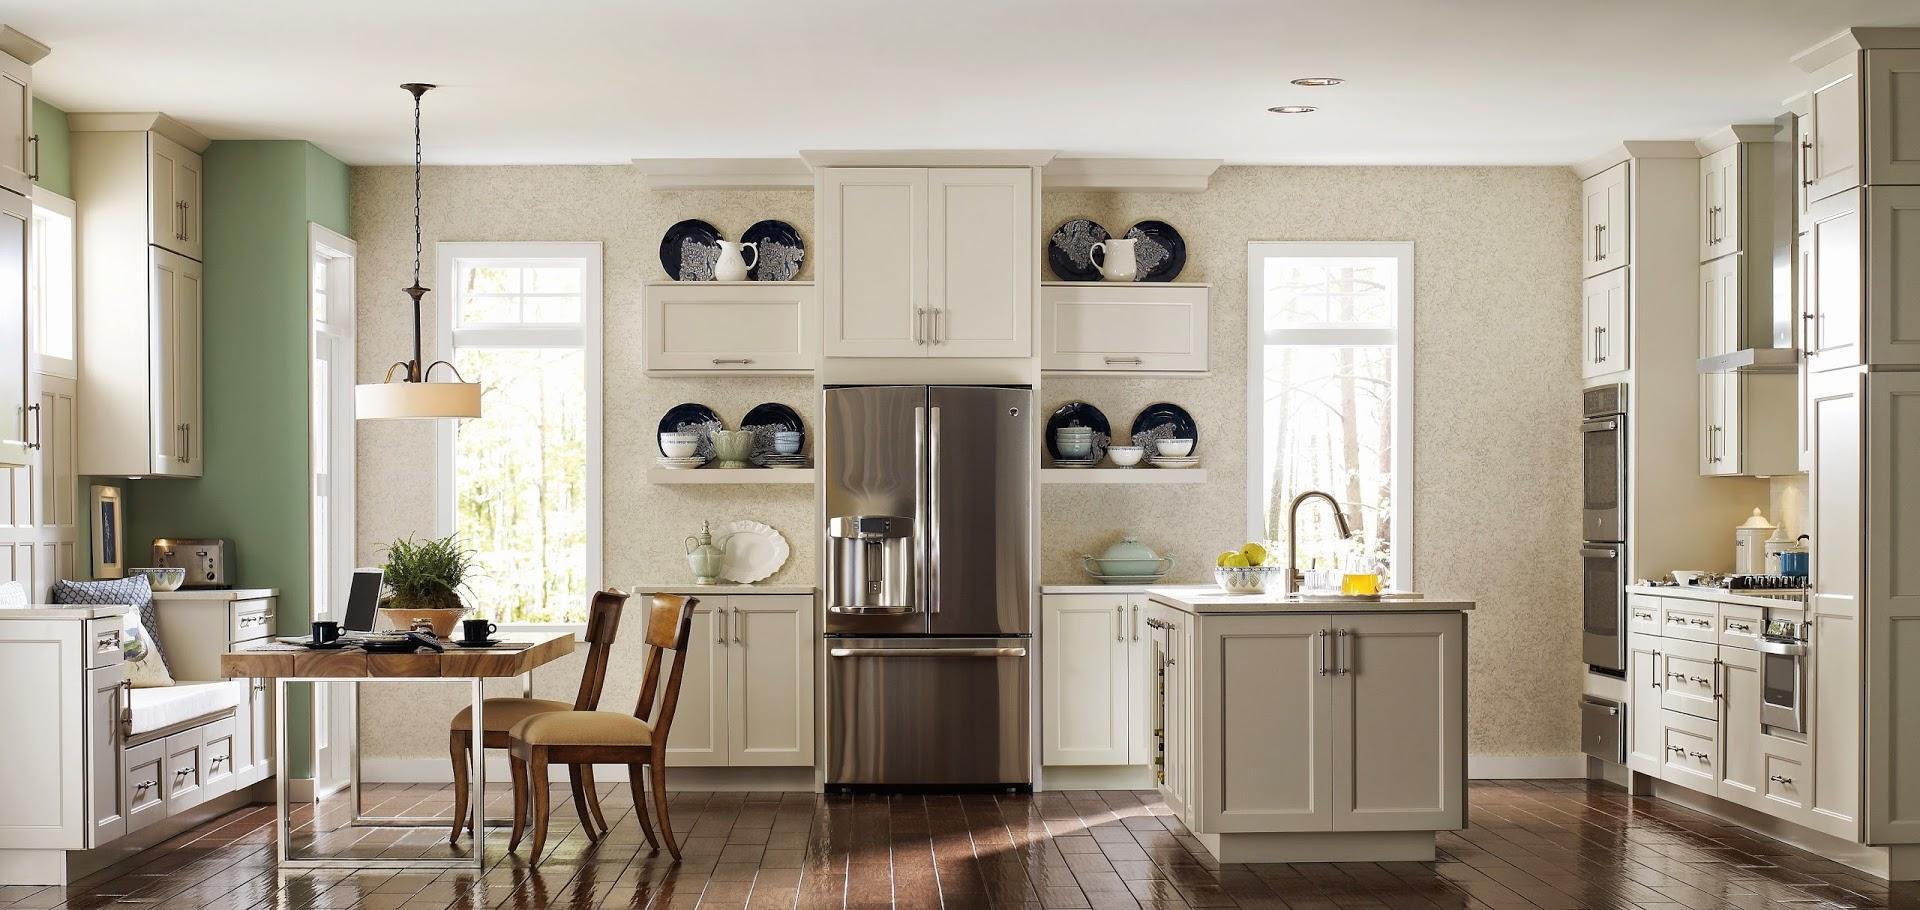 Fairfax kitchen bath remodeling fairfax virginia va for Kitchen bath remodeling